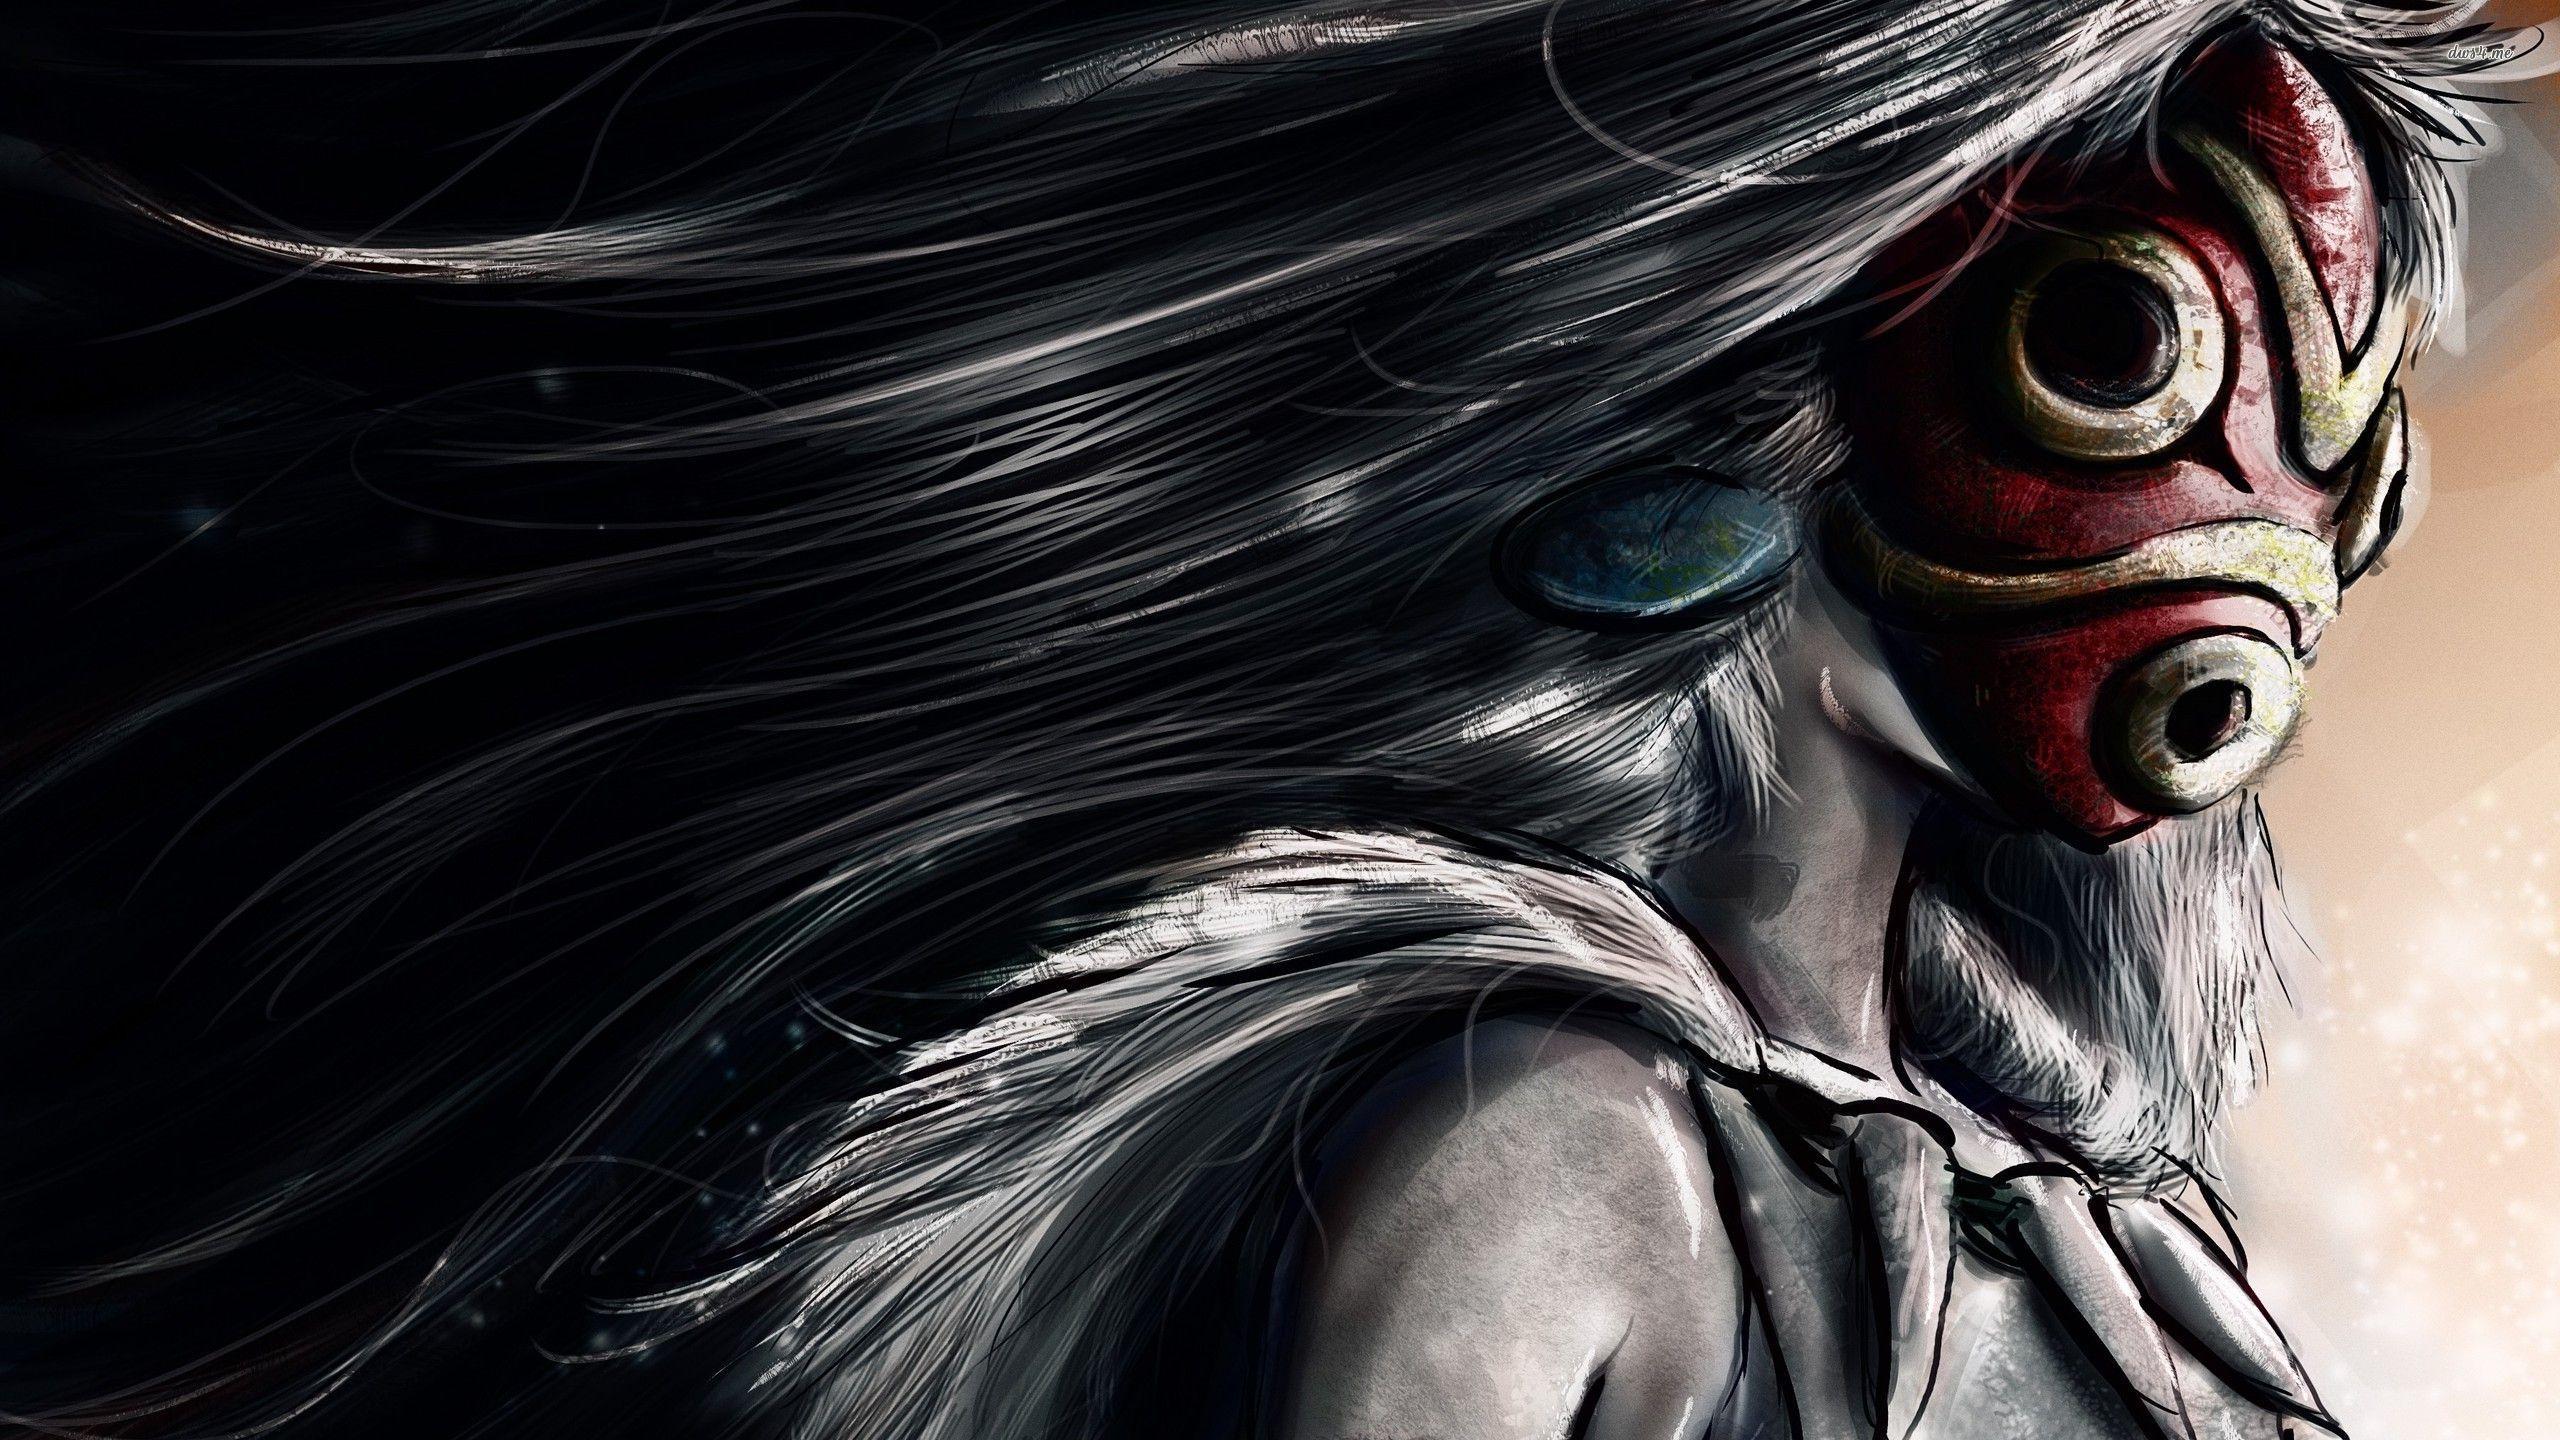 Princess Mononoke Desktop Background Posted By Ryan Johnson